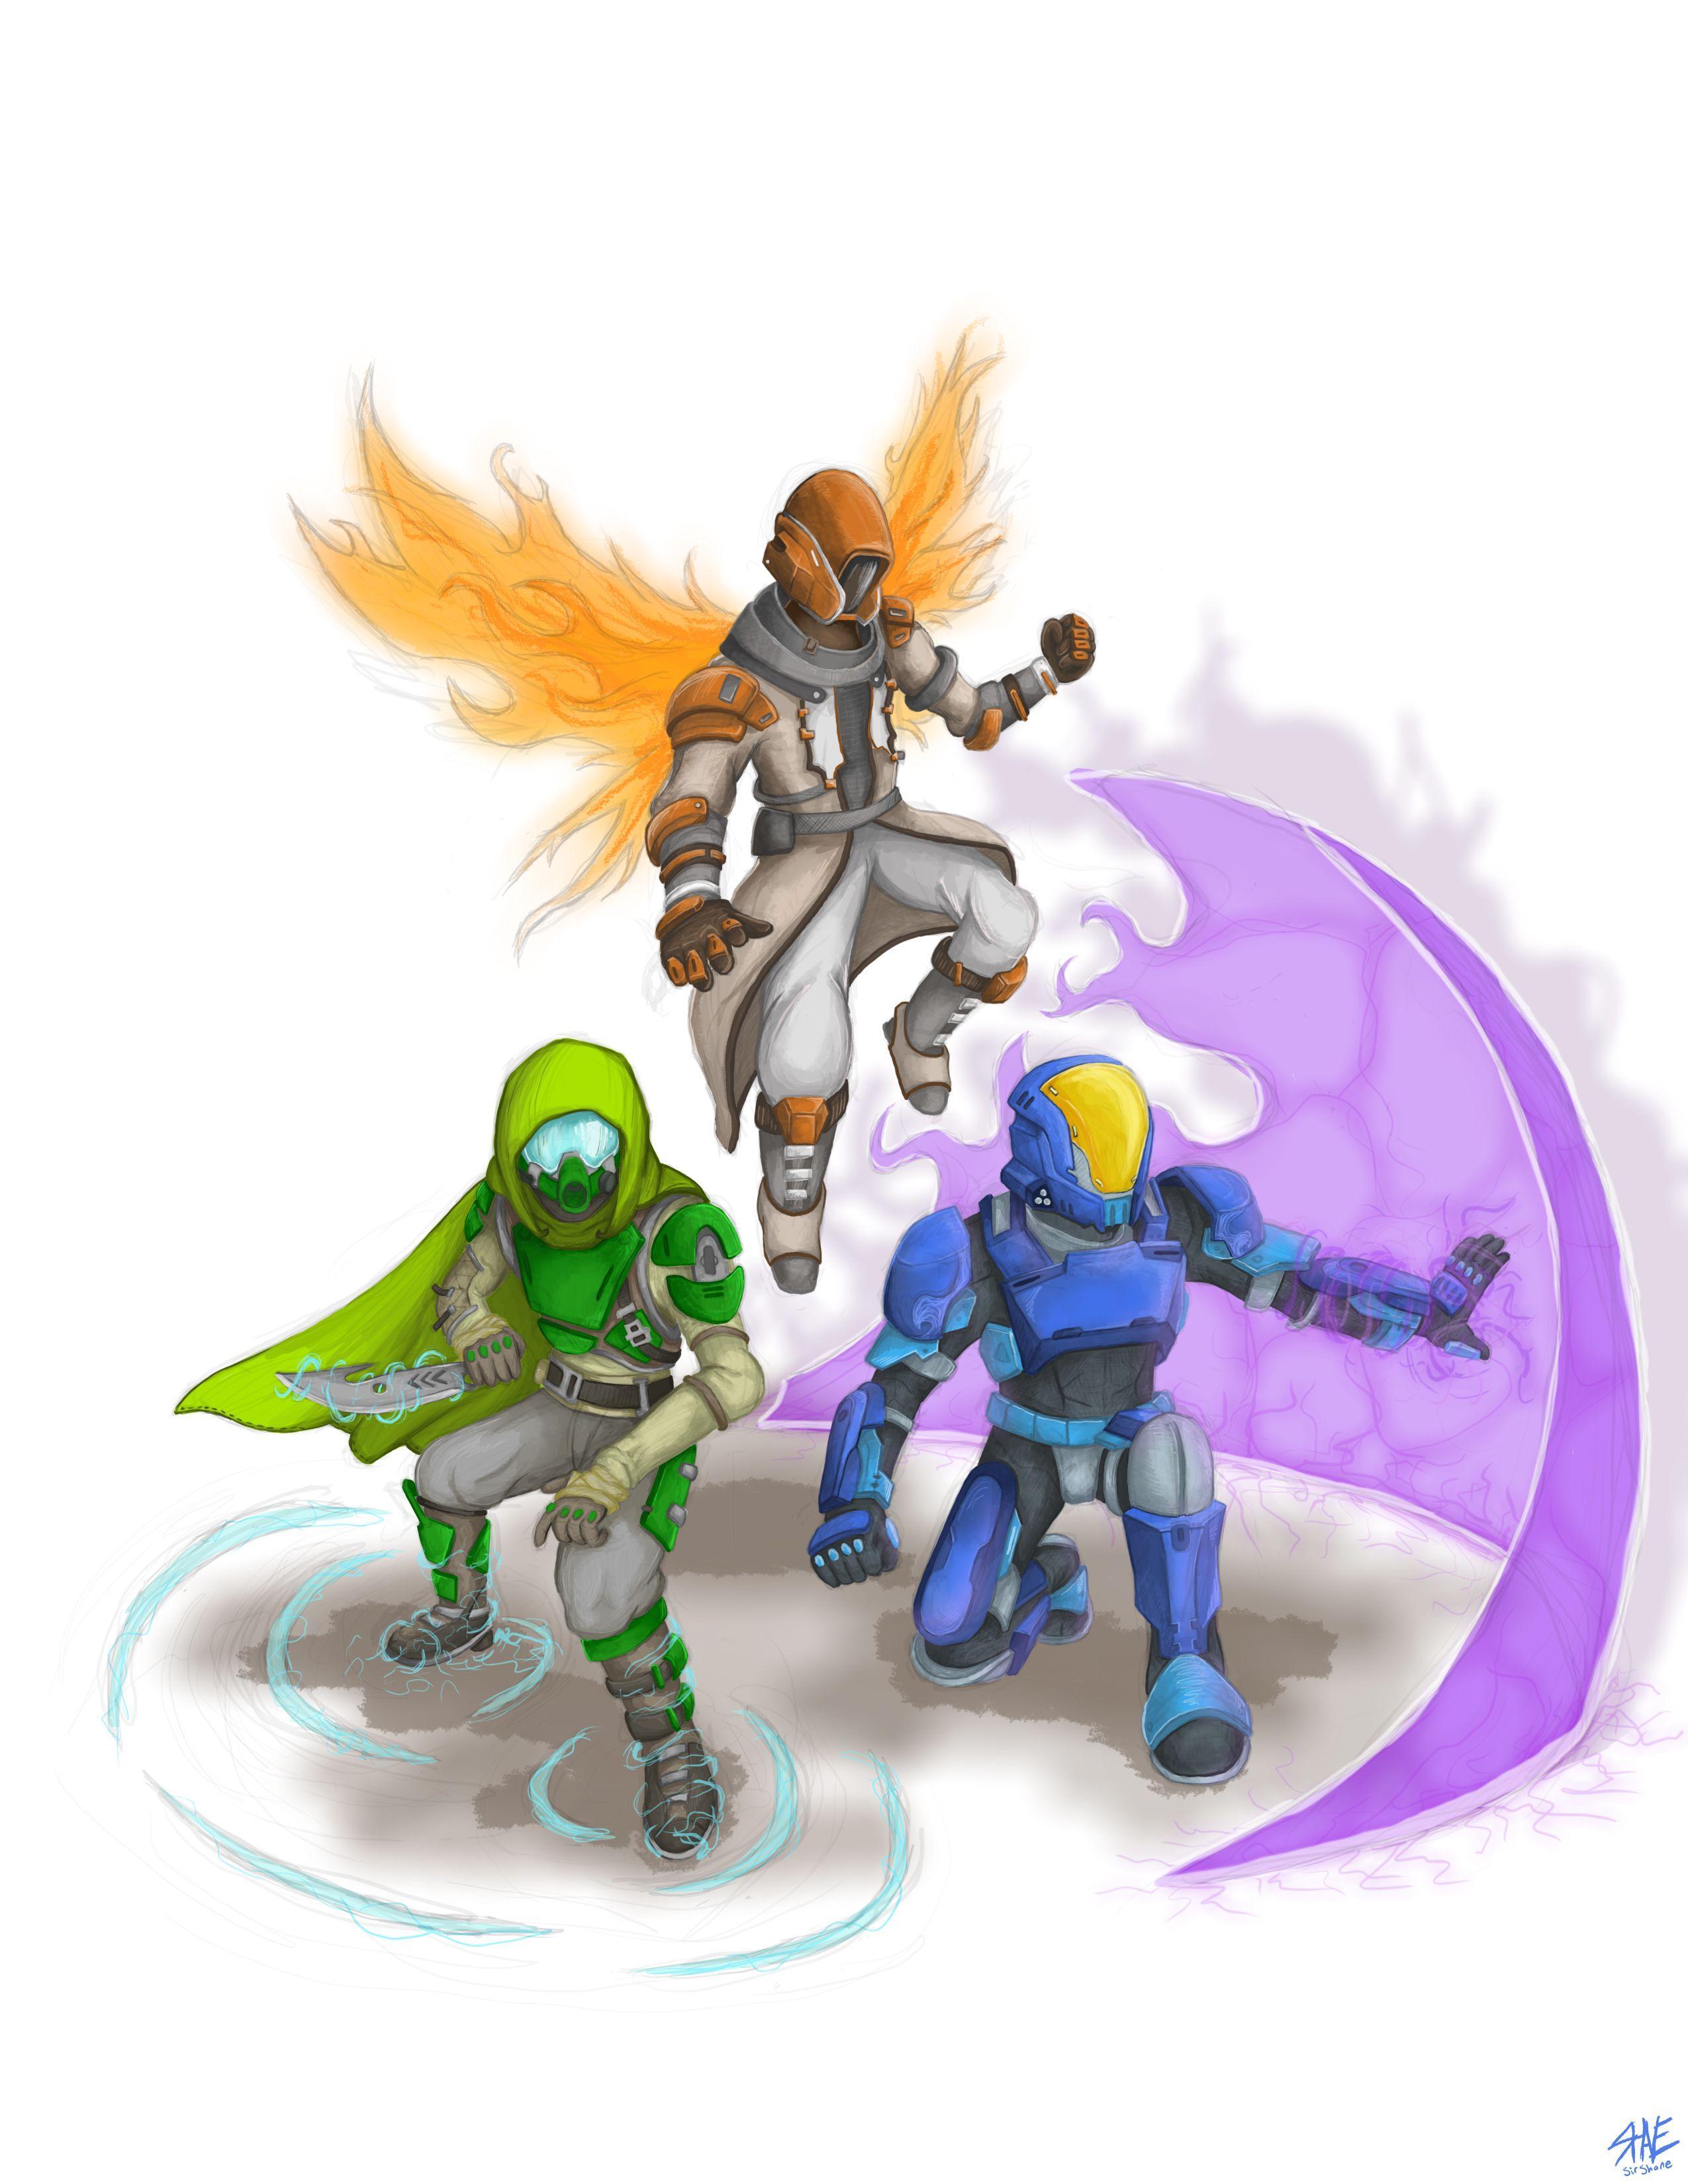 Destiny Blade Dancer Wallpapers - Top Free Destiny Blade Dancer